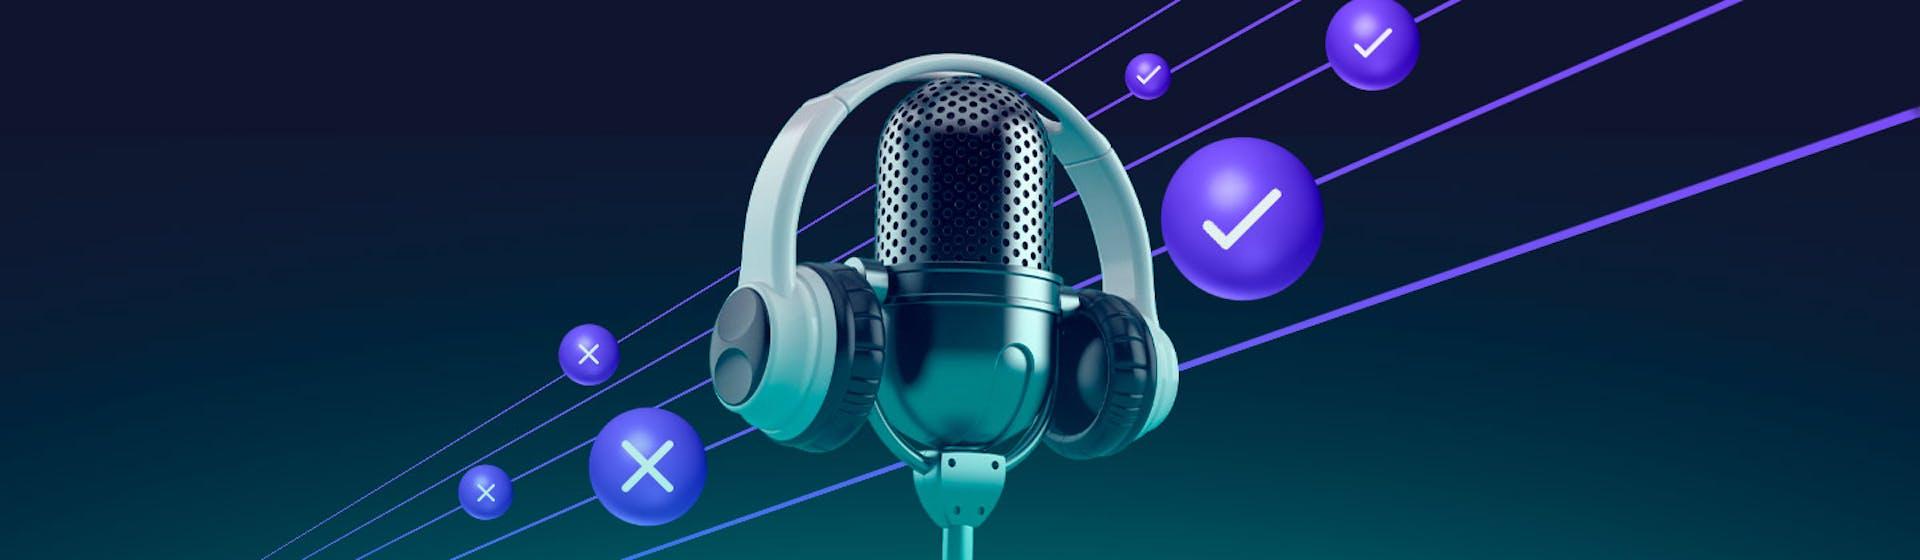 Nadie te habla sobre estas ventajas y desventajas del podcast, hasta hoy